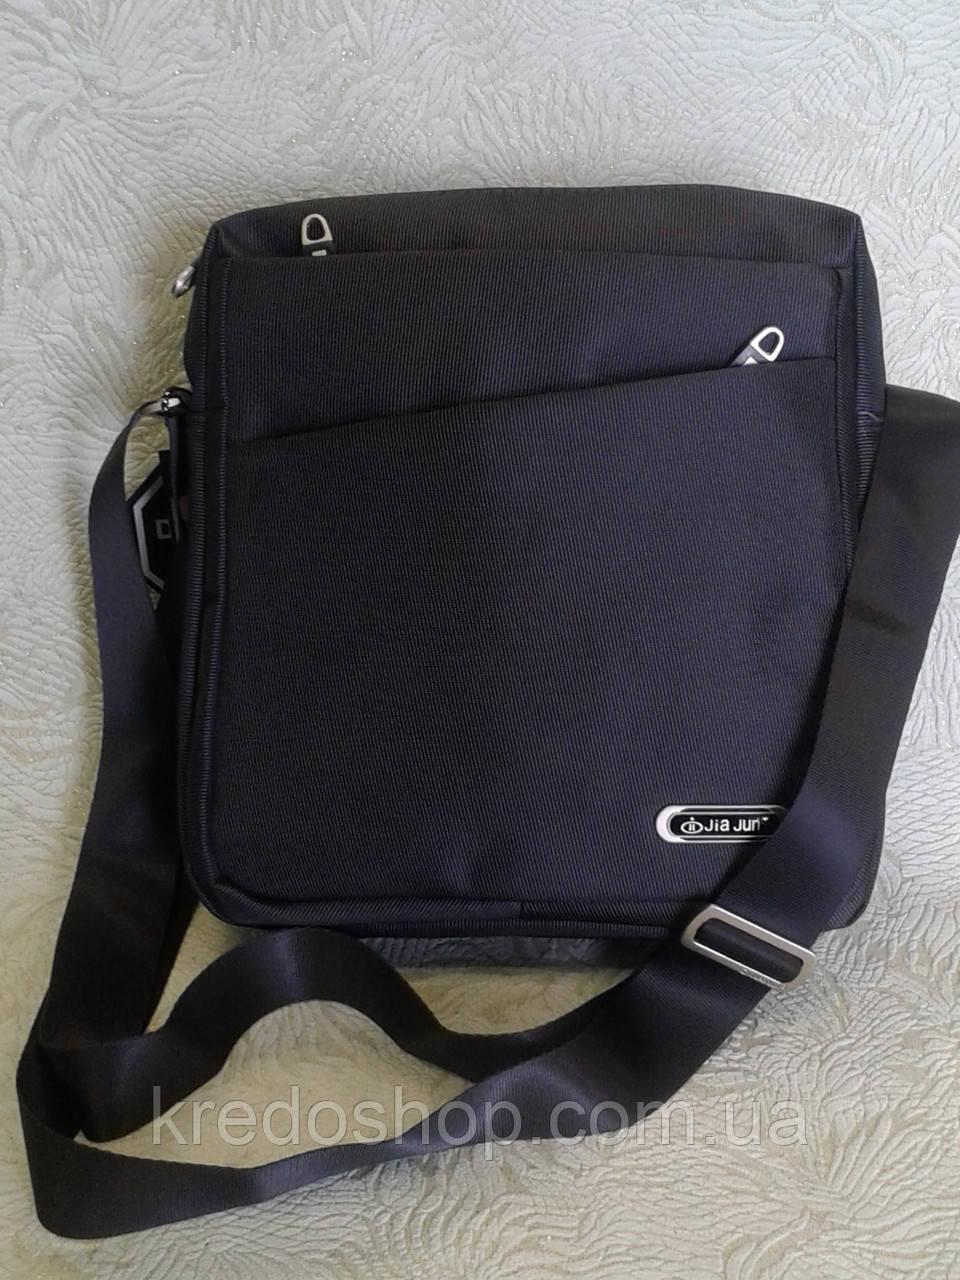 65410519ef0e Сумка мужская прочная стильная на плечо - Интернет-магазин сумок и  аксессуаров